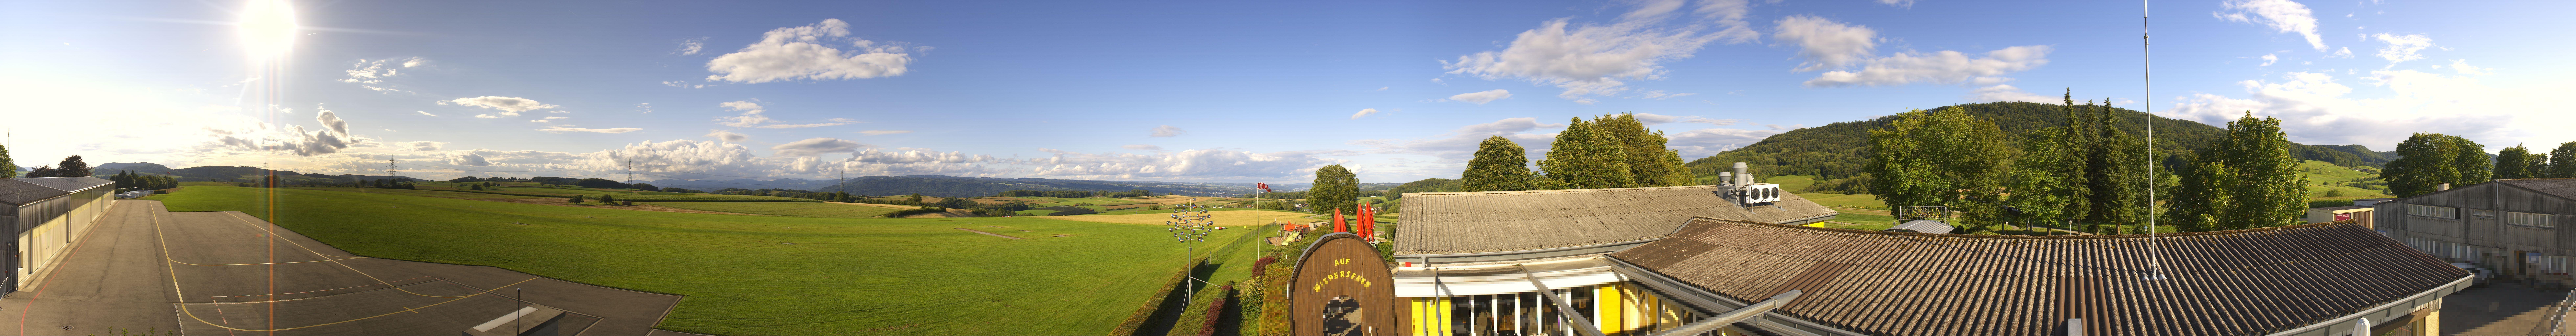 Schupfart: Flugplatz Fricktal-Schupfart